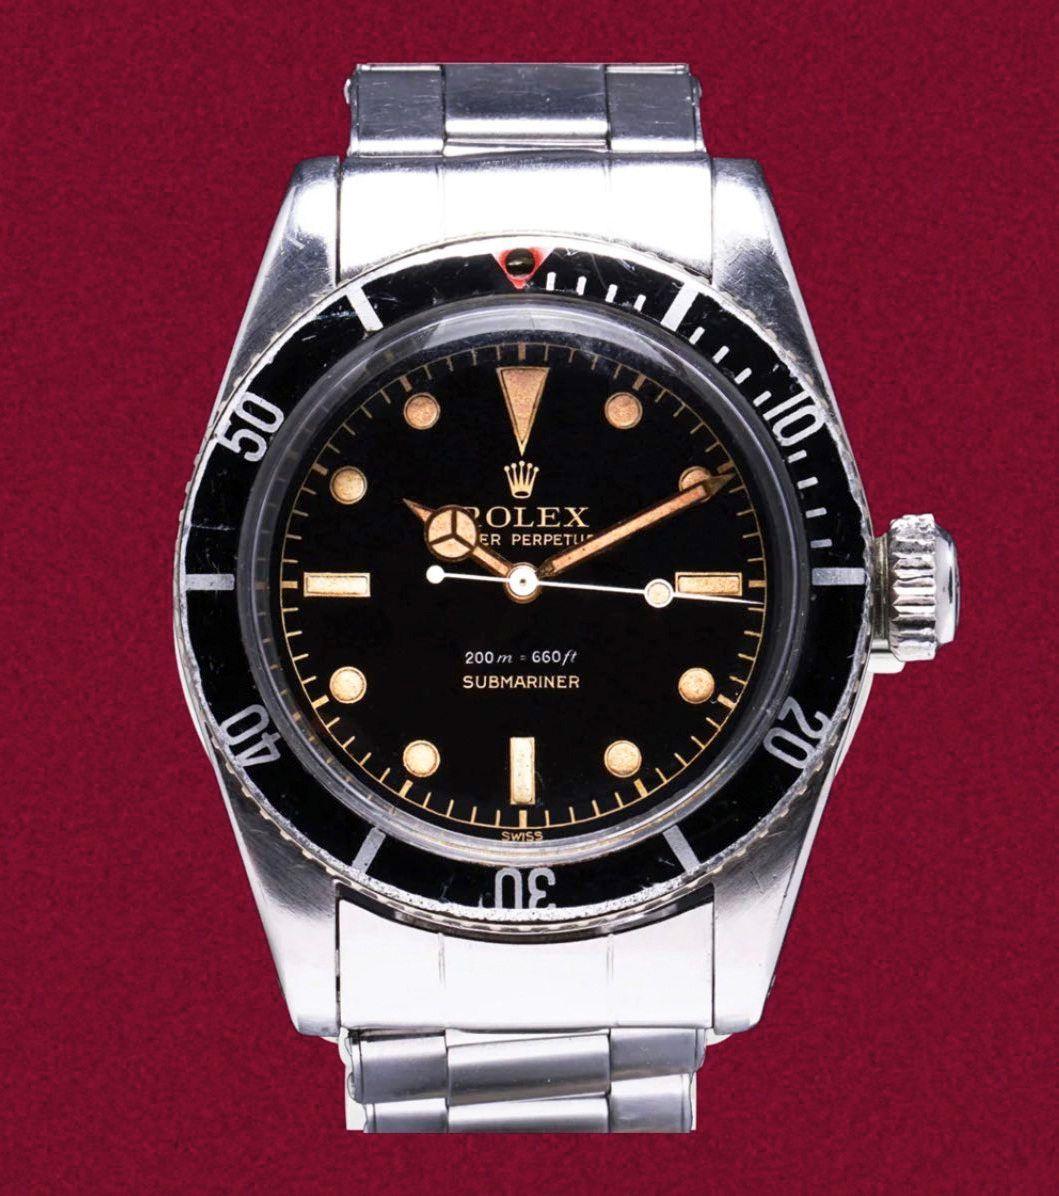 Rolex-Submariner 6538